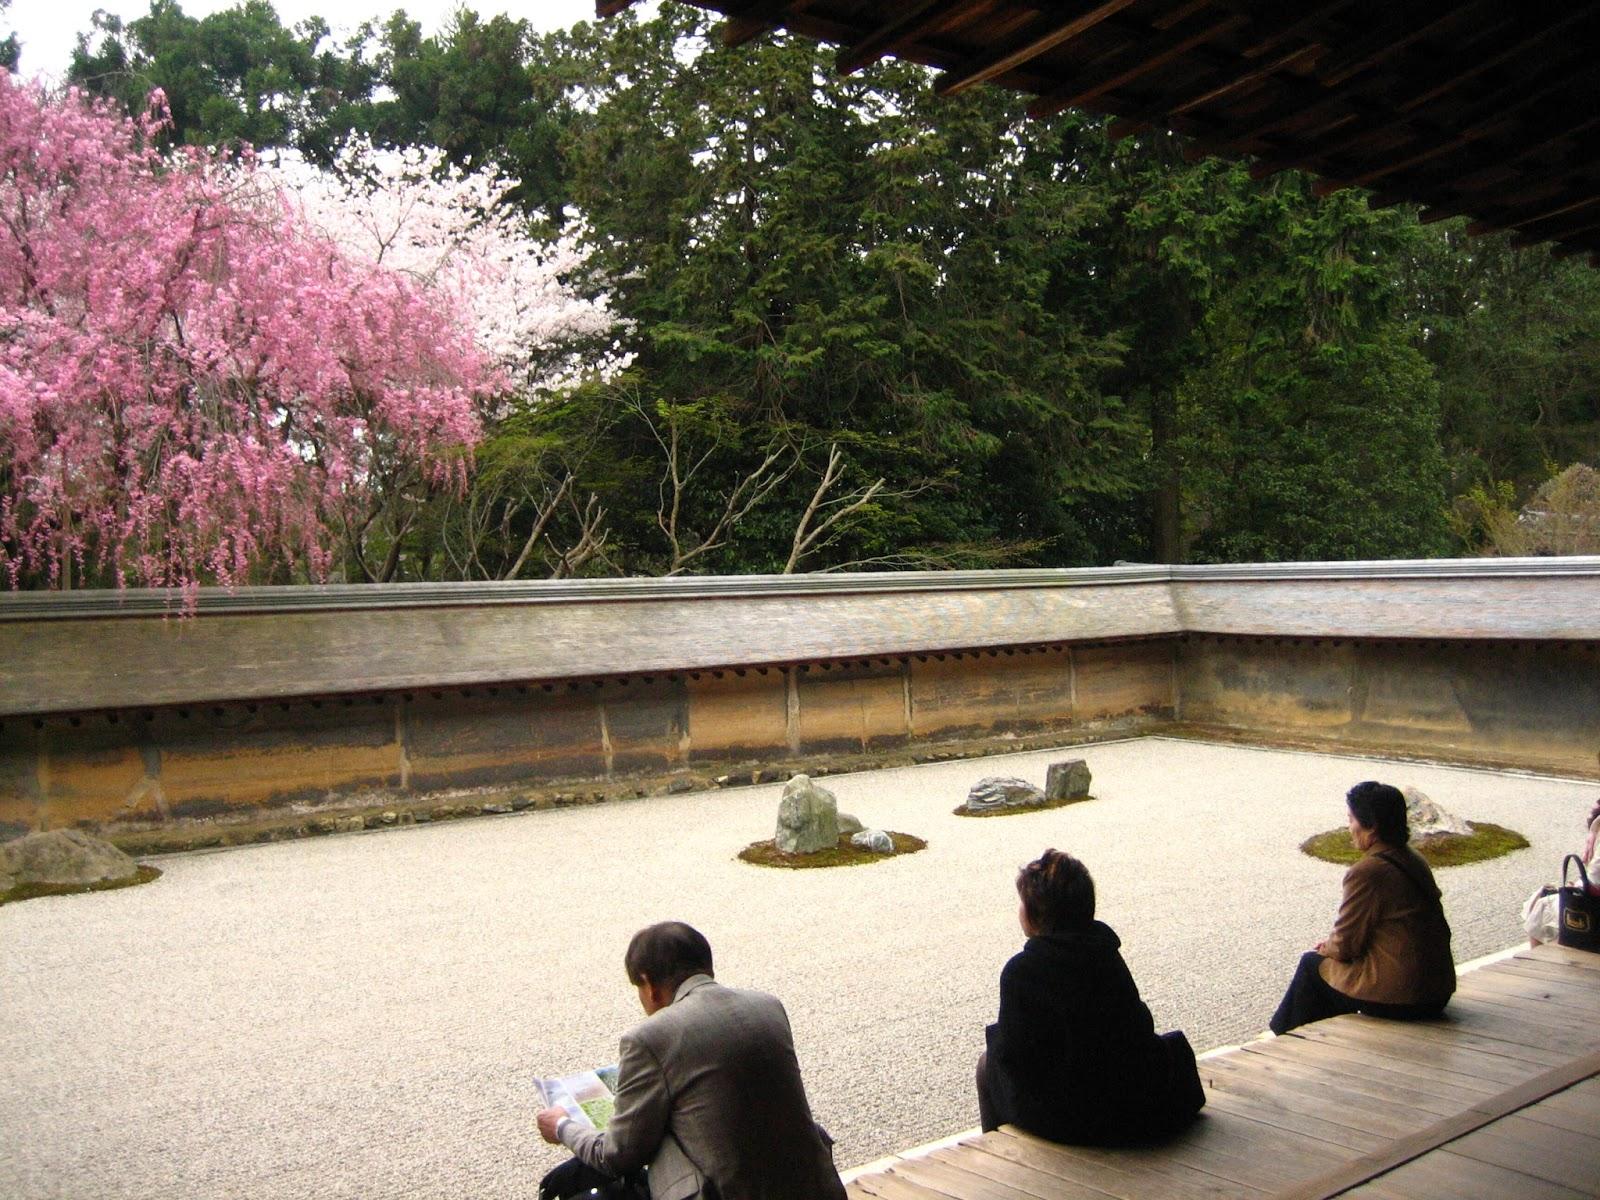 Ufficio Zen Zen : L ufficio dei viaggi u cgiappone terra d incantiu d chioggiatv